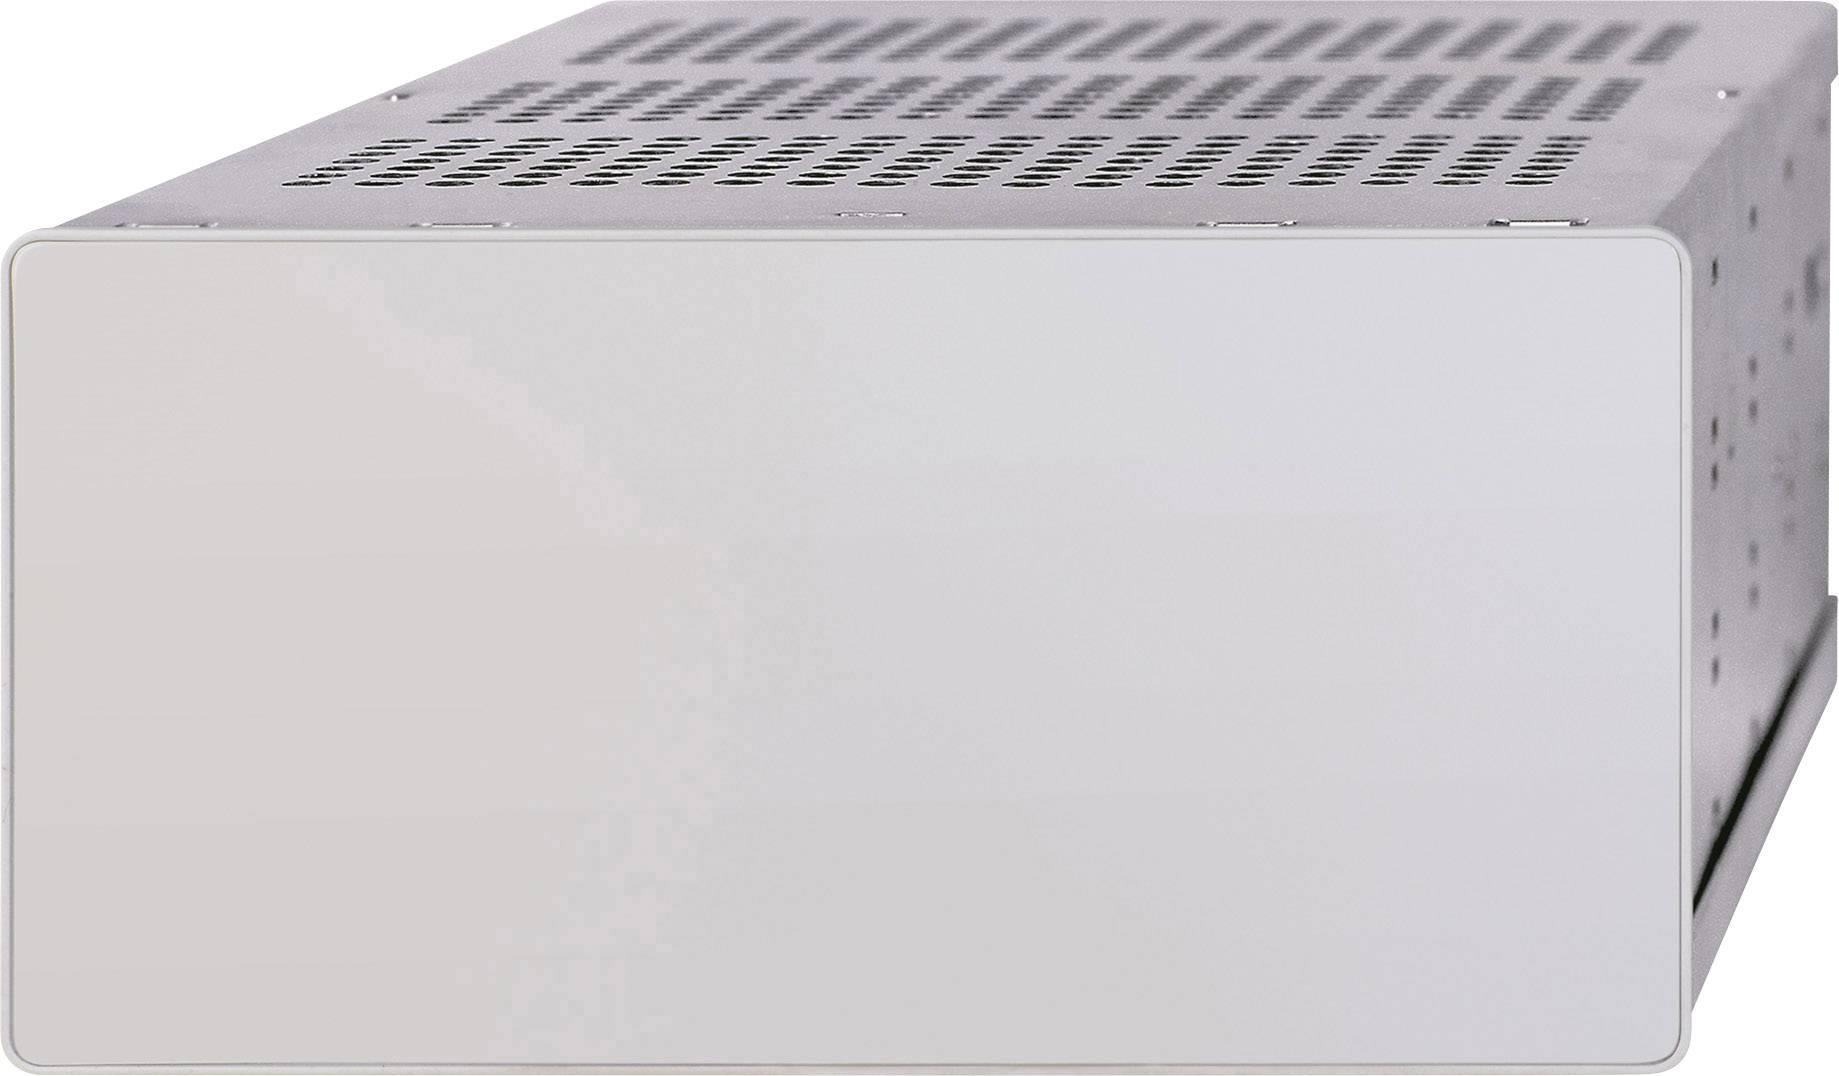 Prázdný modul Hameg HM 800